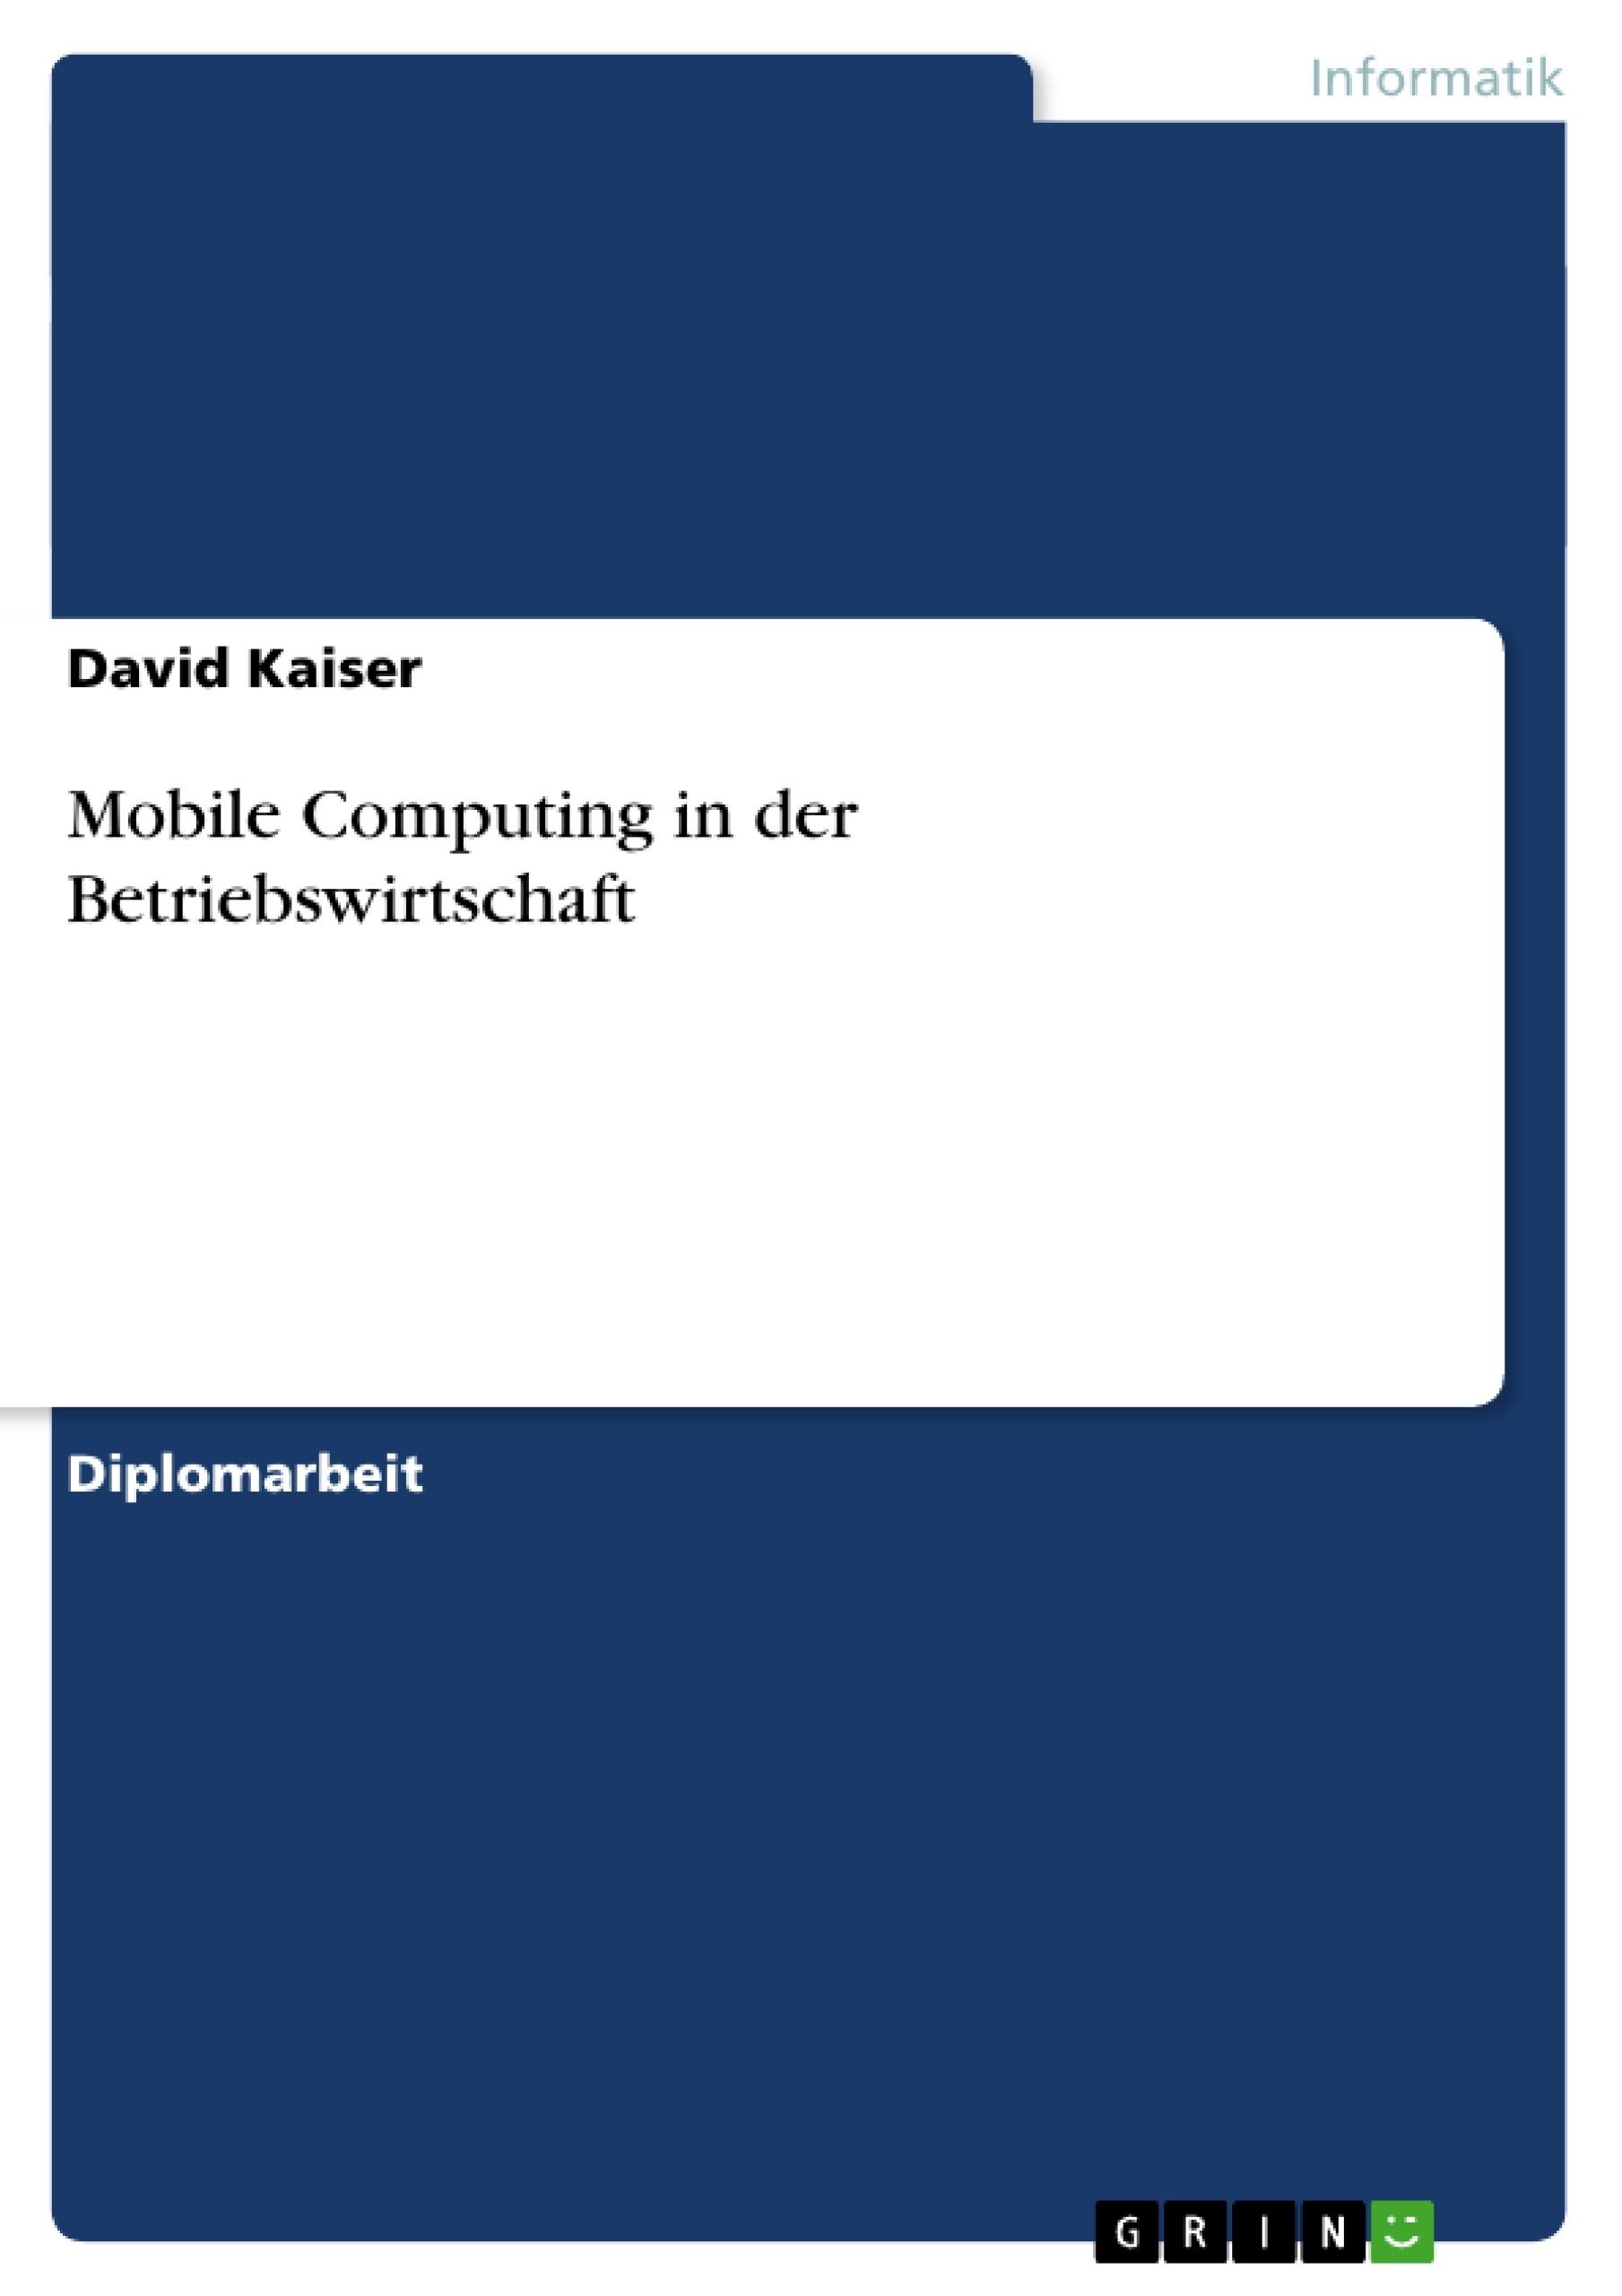 Titel: Mobile Computing in der Betriebswirtschaft